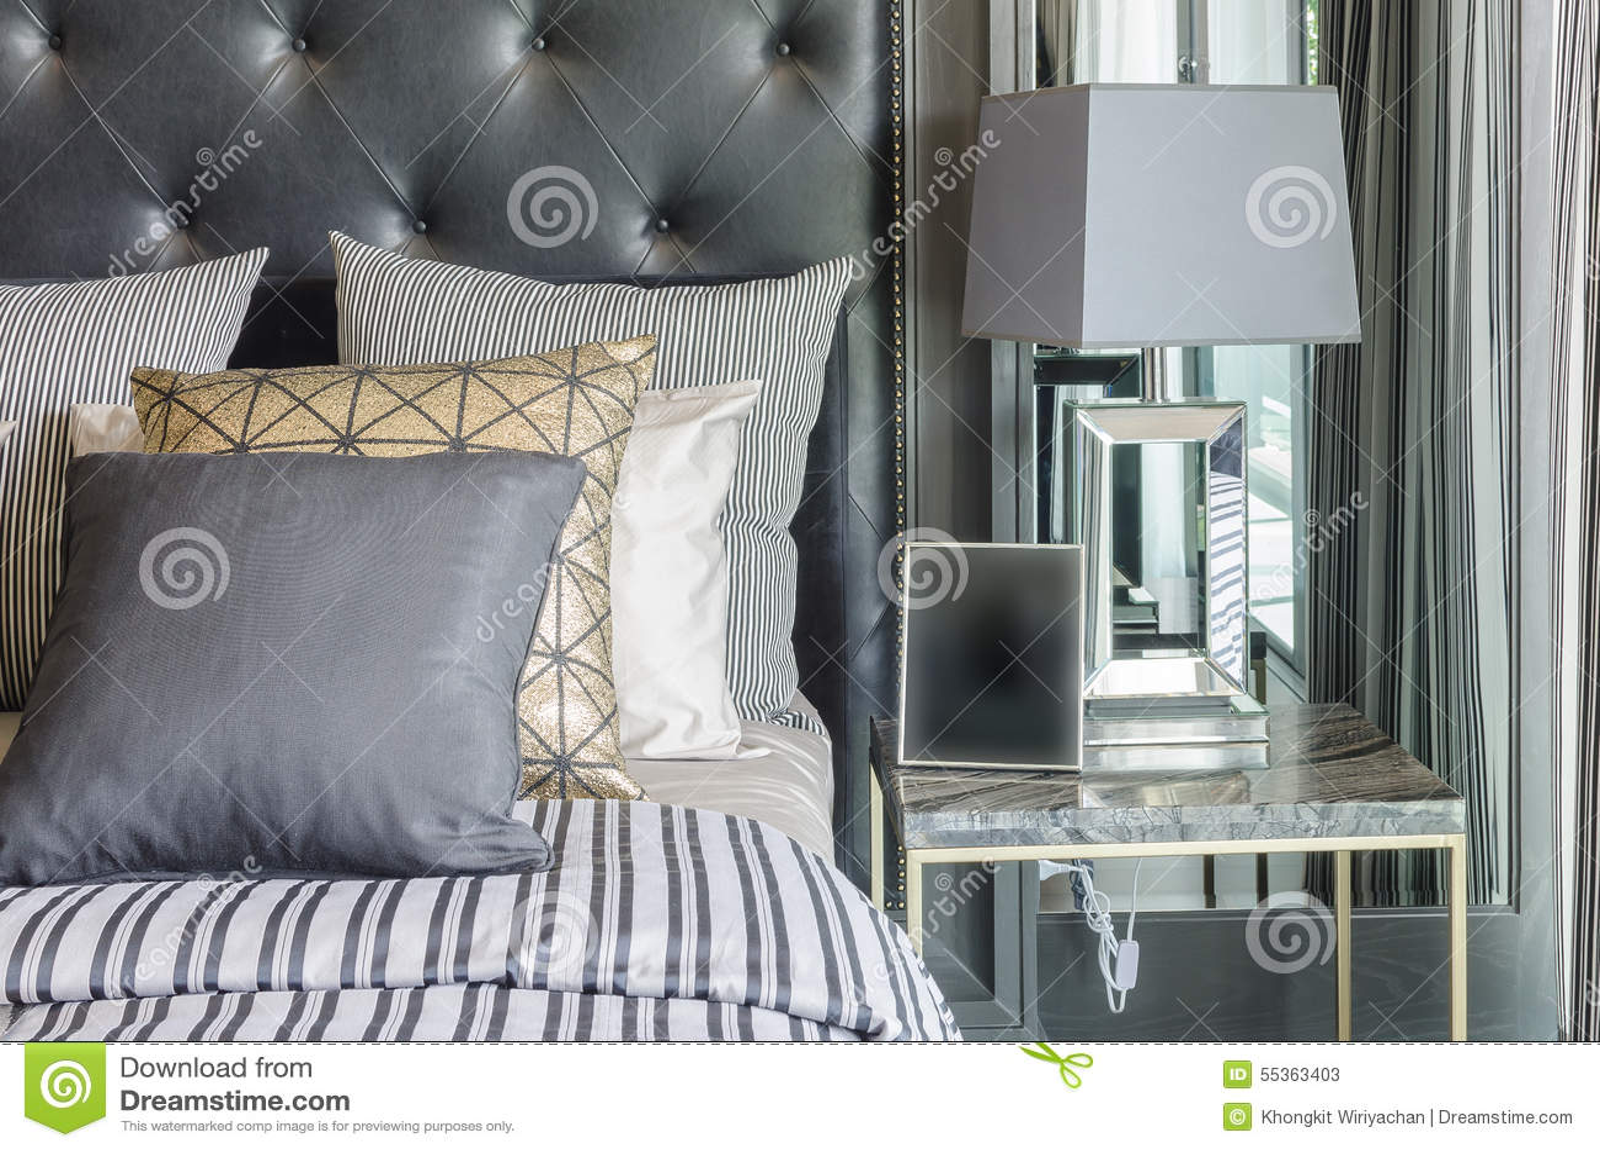 Grijze Slaapkamer Lamp : Luxe zwart witte slaapkamer met grijze lamp op lijst stock